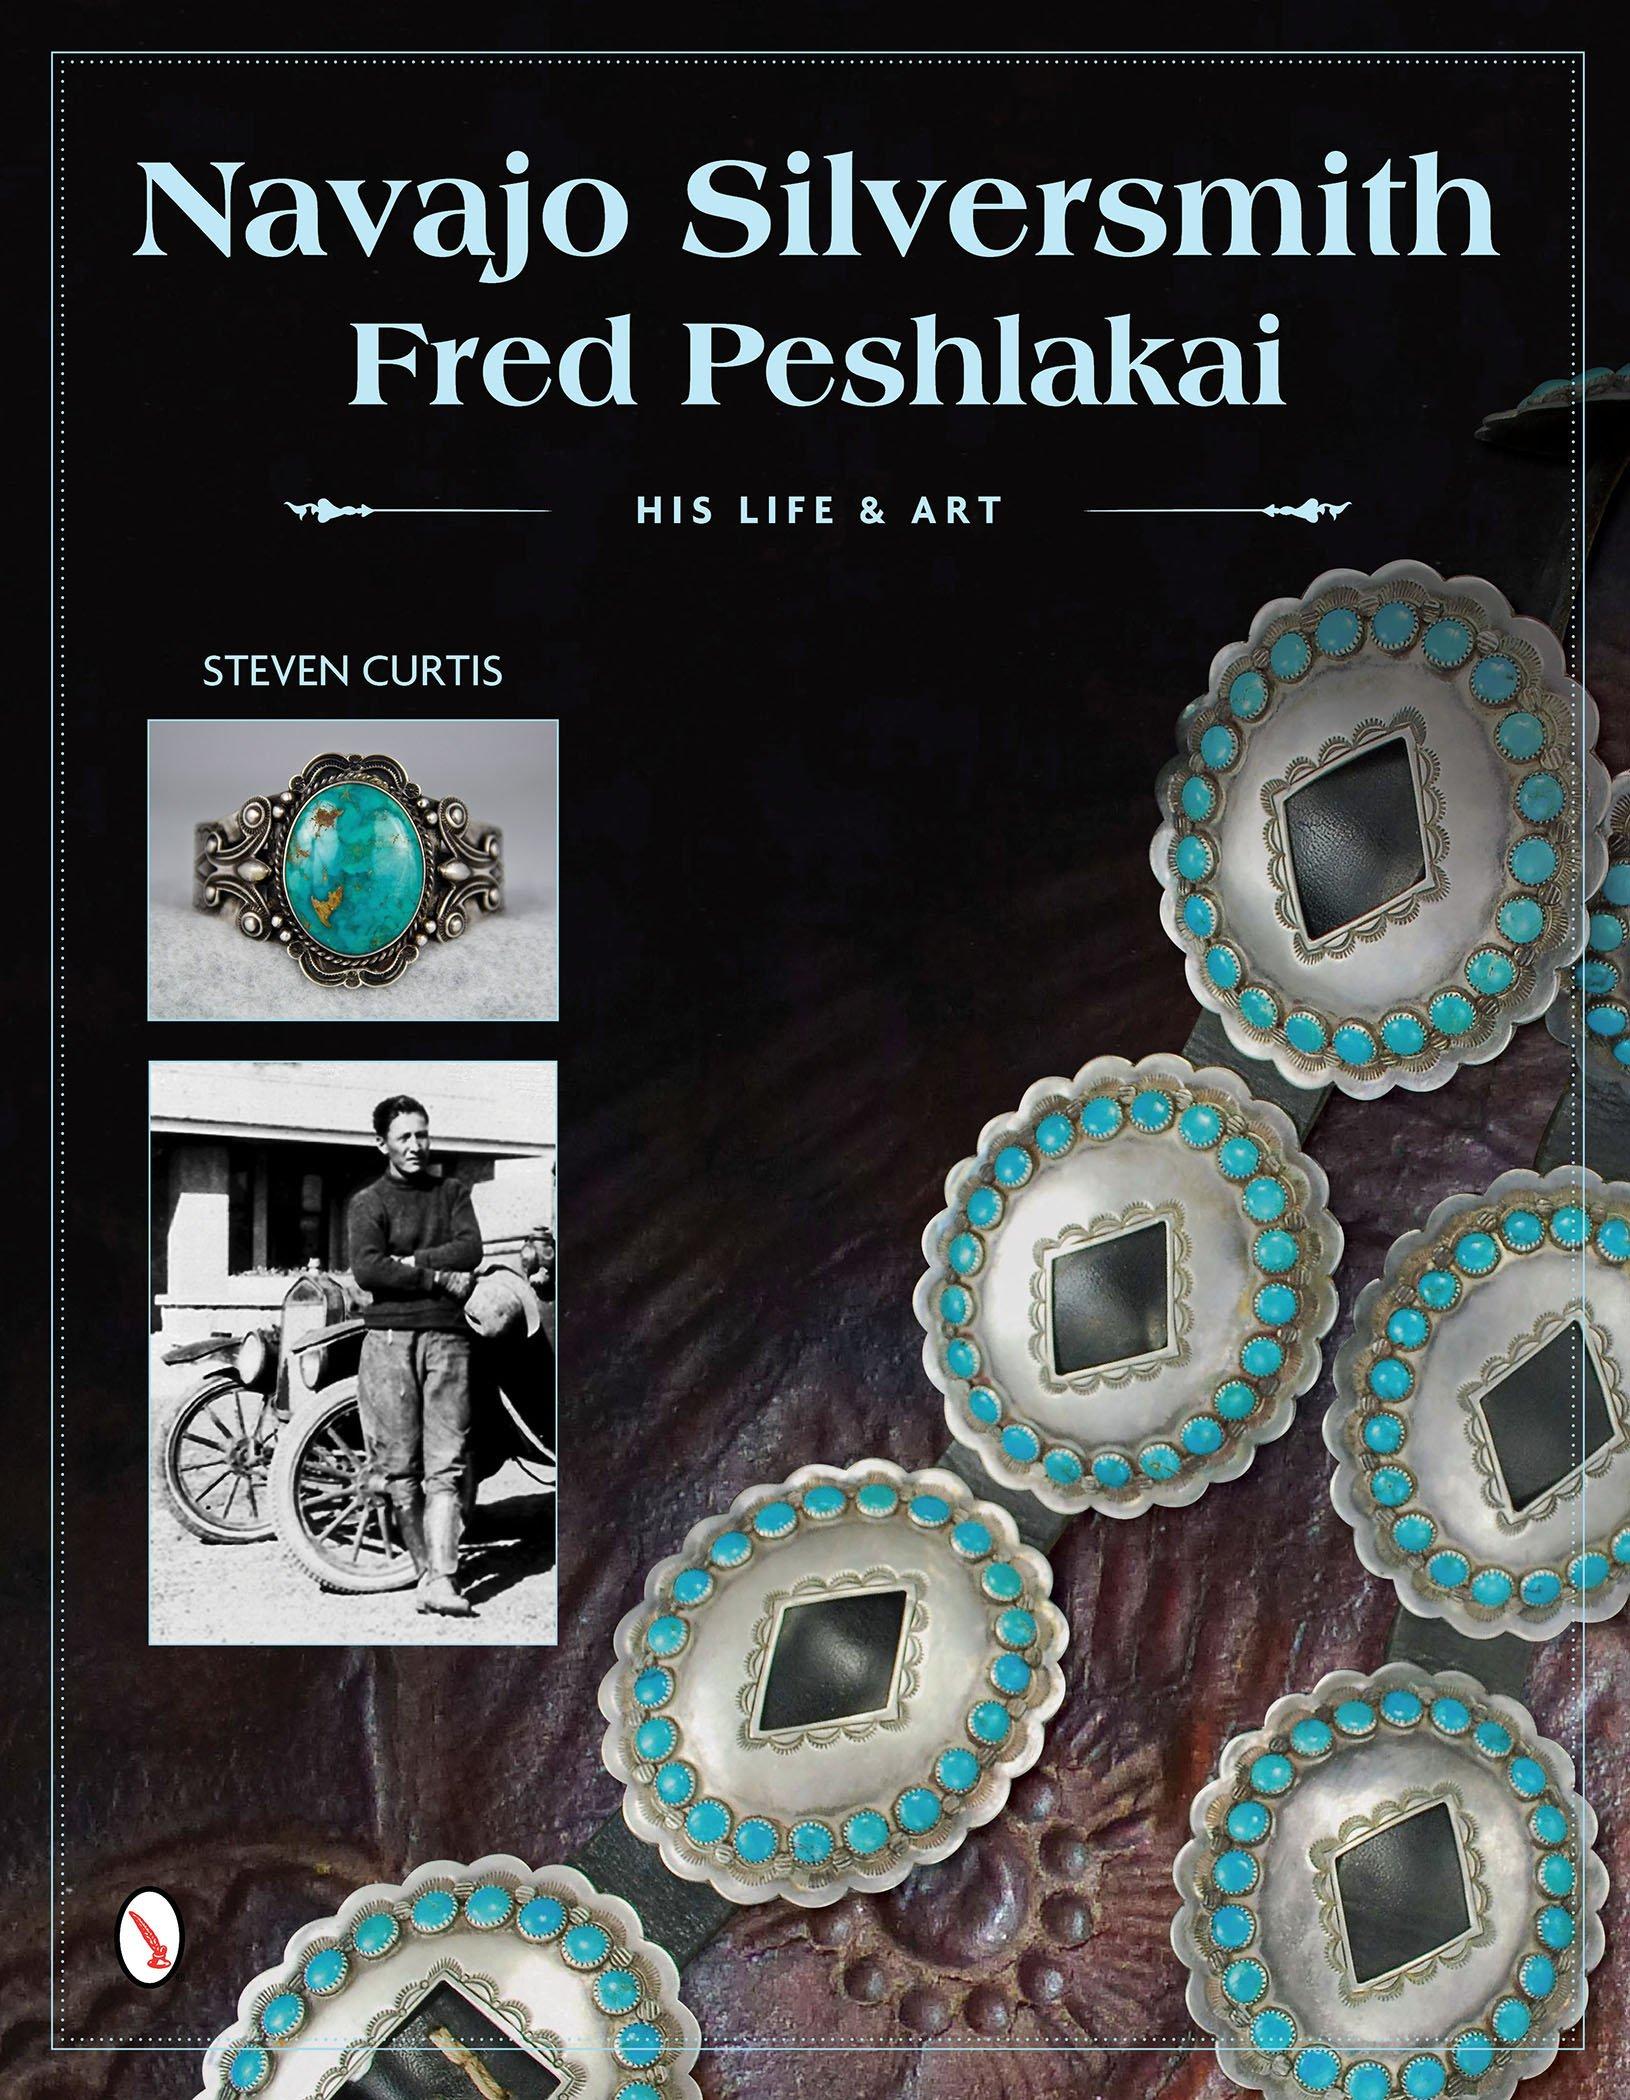 Navajo Silversmith Fred Peshlakai: His Life & Art